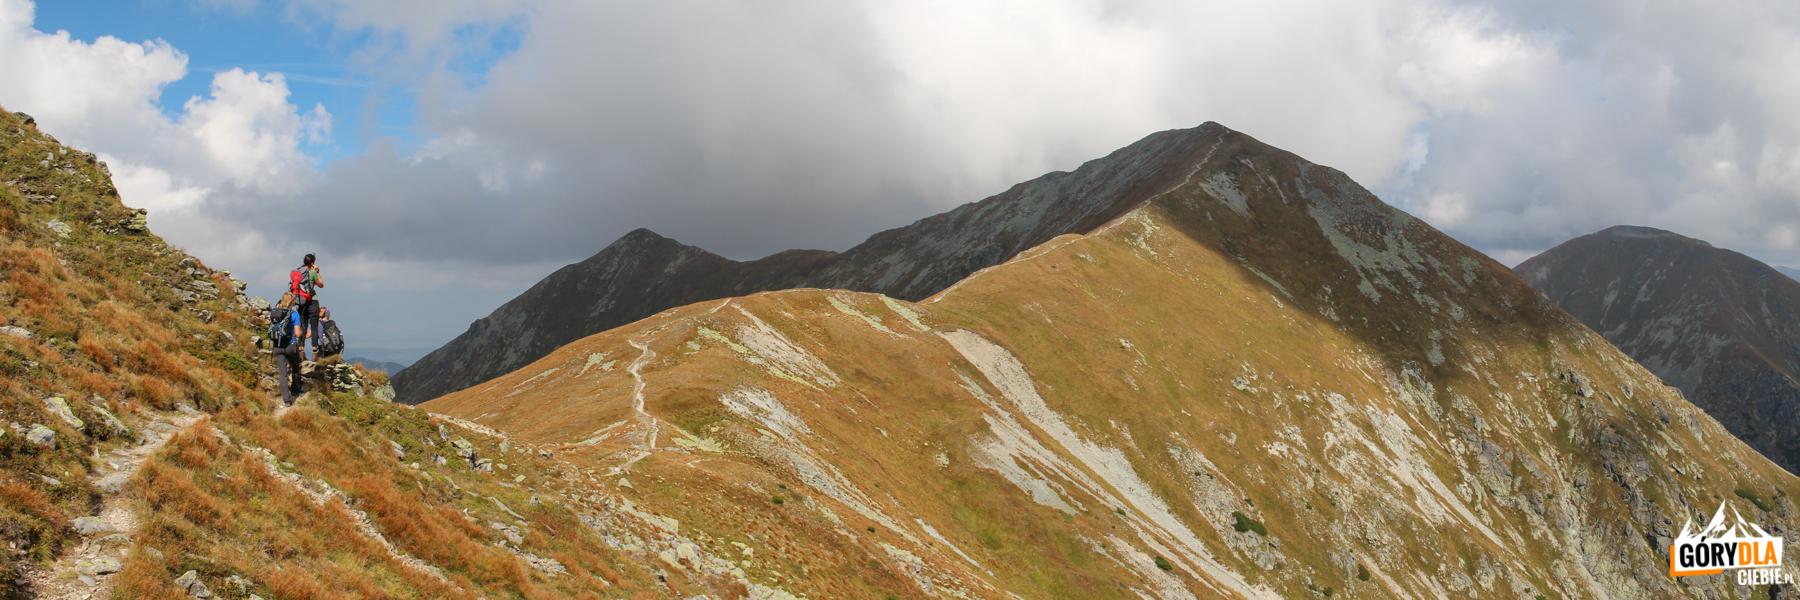 Jakubińską Przełęcz (2069 m) iRaczkowa Czuba (2194 m), dalej Jarząbczy Wierch (Hruby vrch) 2137 m